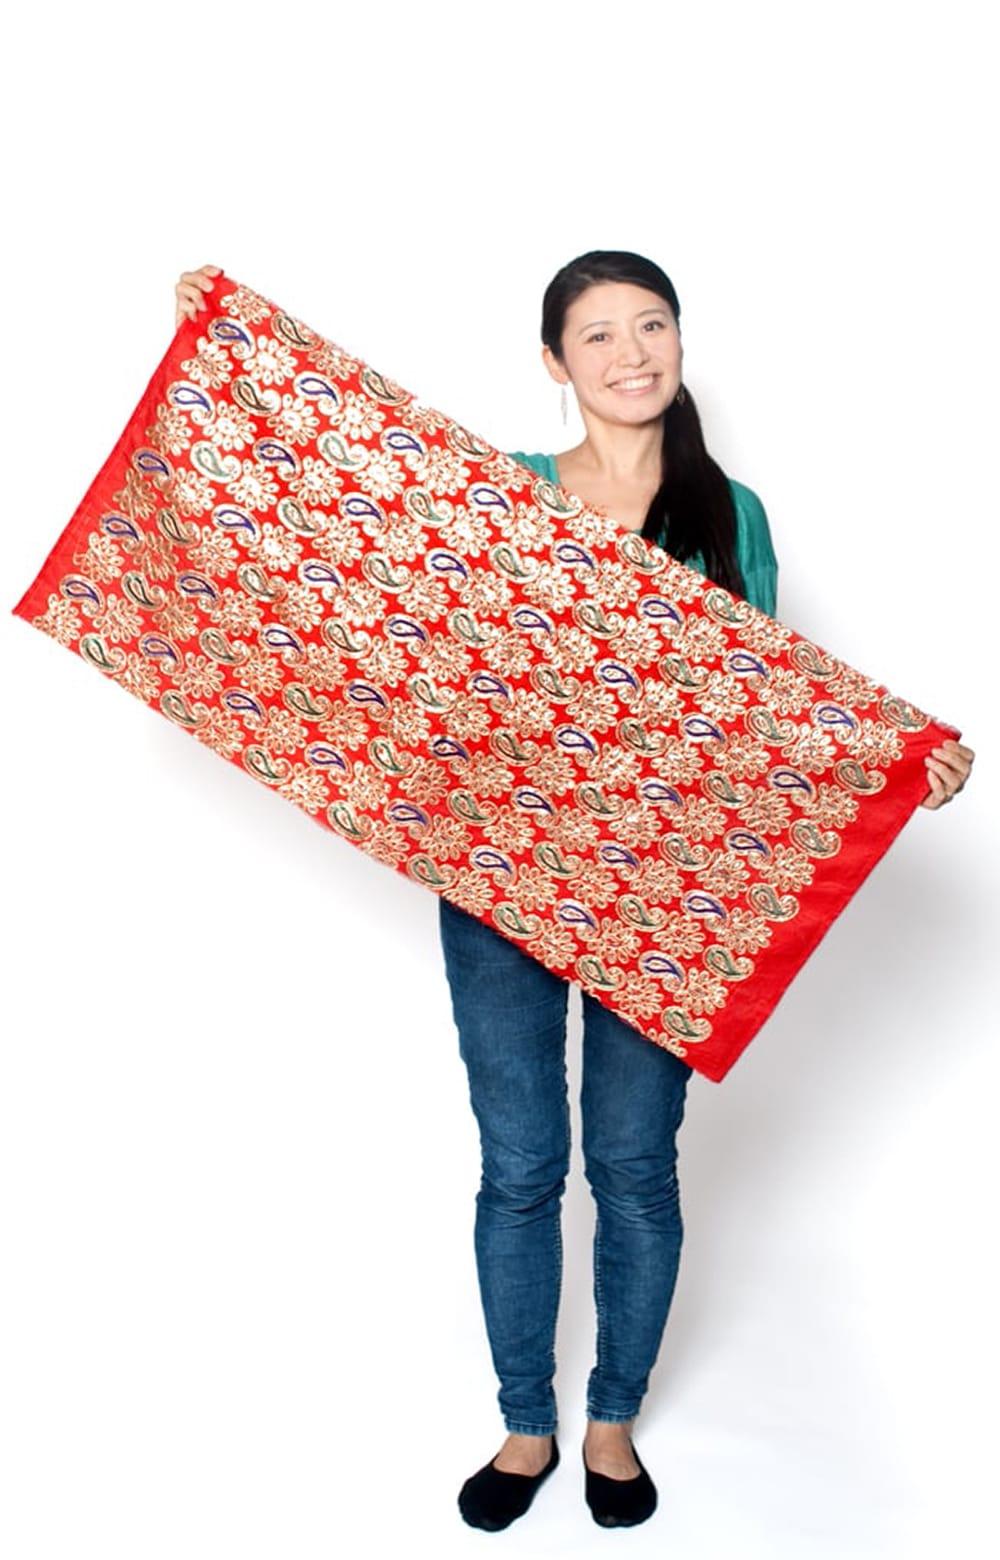 〔50cm切り売り〕刺繍とスパンコールクロス〔幅約104cm〕 - 赤 7 - 類似品の『【MB-RSCLTH-299】〔50cm切り売り〕刺繍とスパンコールクロス〔幅約110cm〕 - 赤』を、50cmカットしてみたところです。横幅が大きい布なので、50cmの長さでもご覧の通り大きく色々な用途に使えそうです。ご注文個数に応じた長さにカットしてお送りいたします。